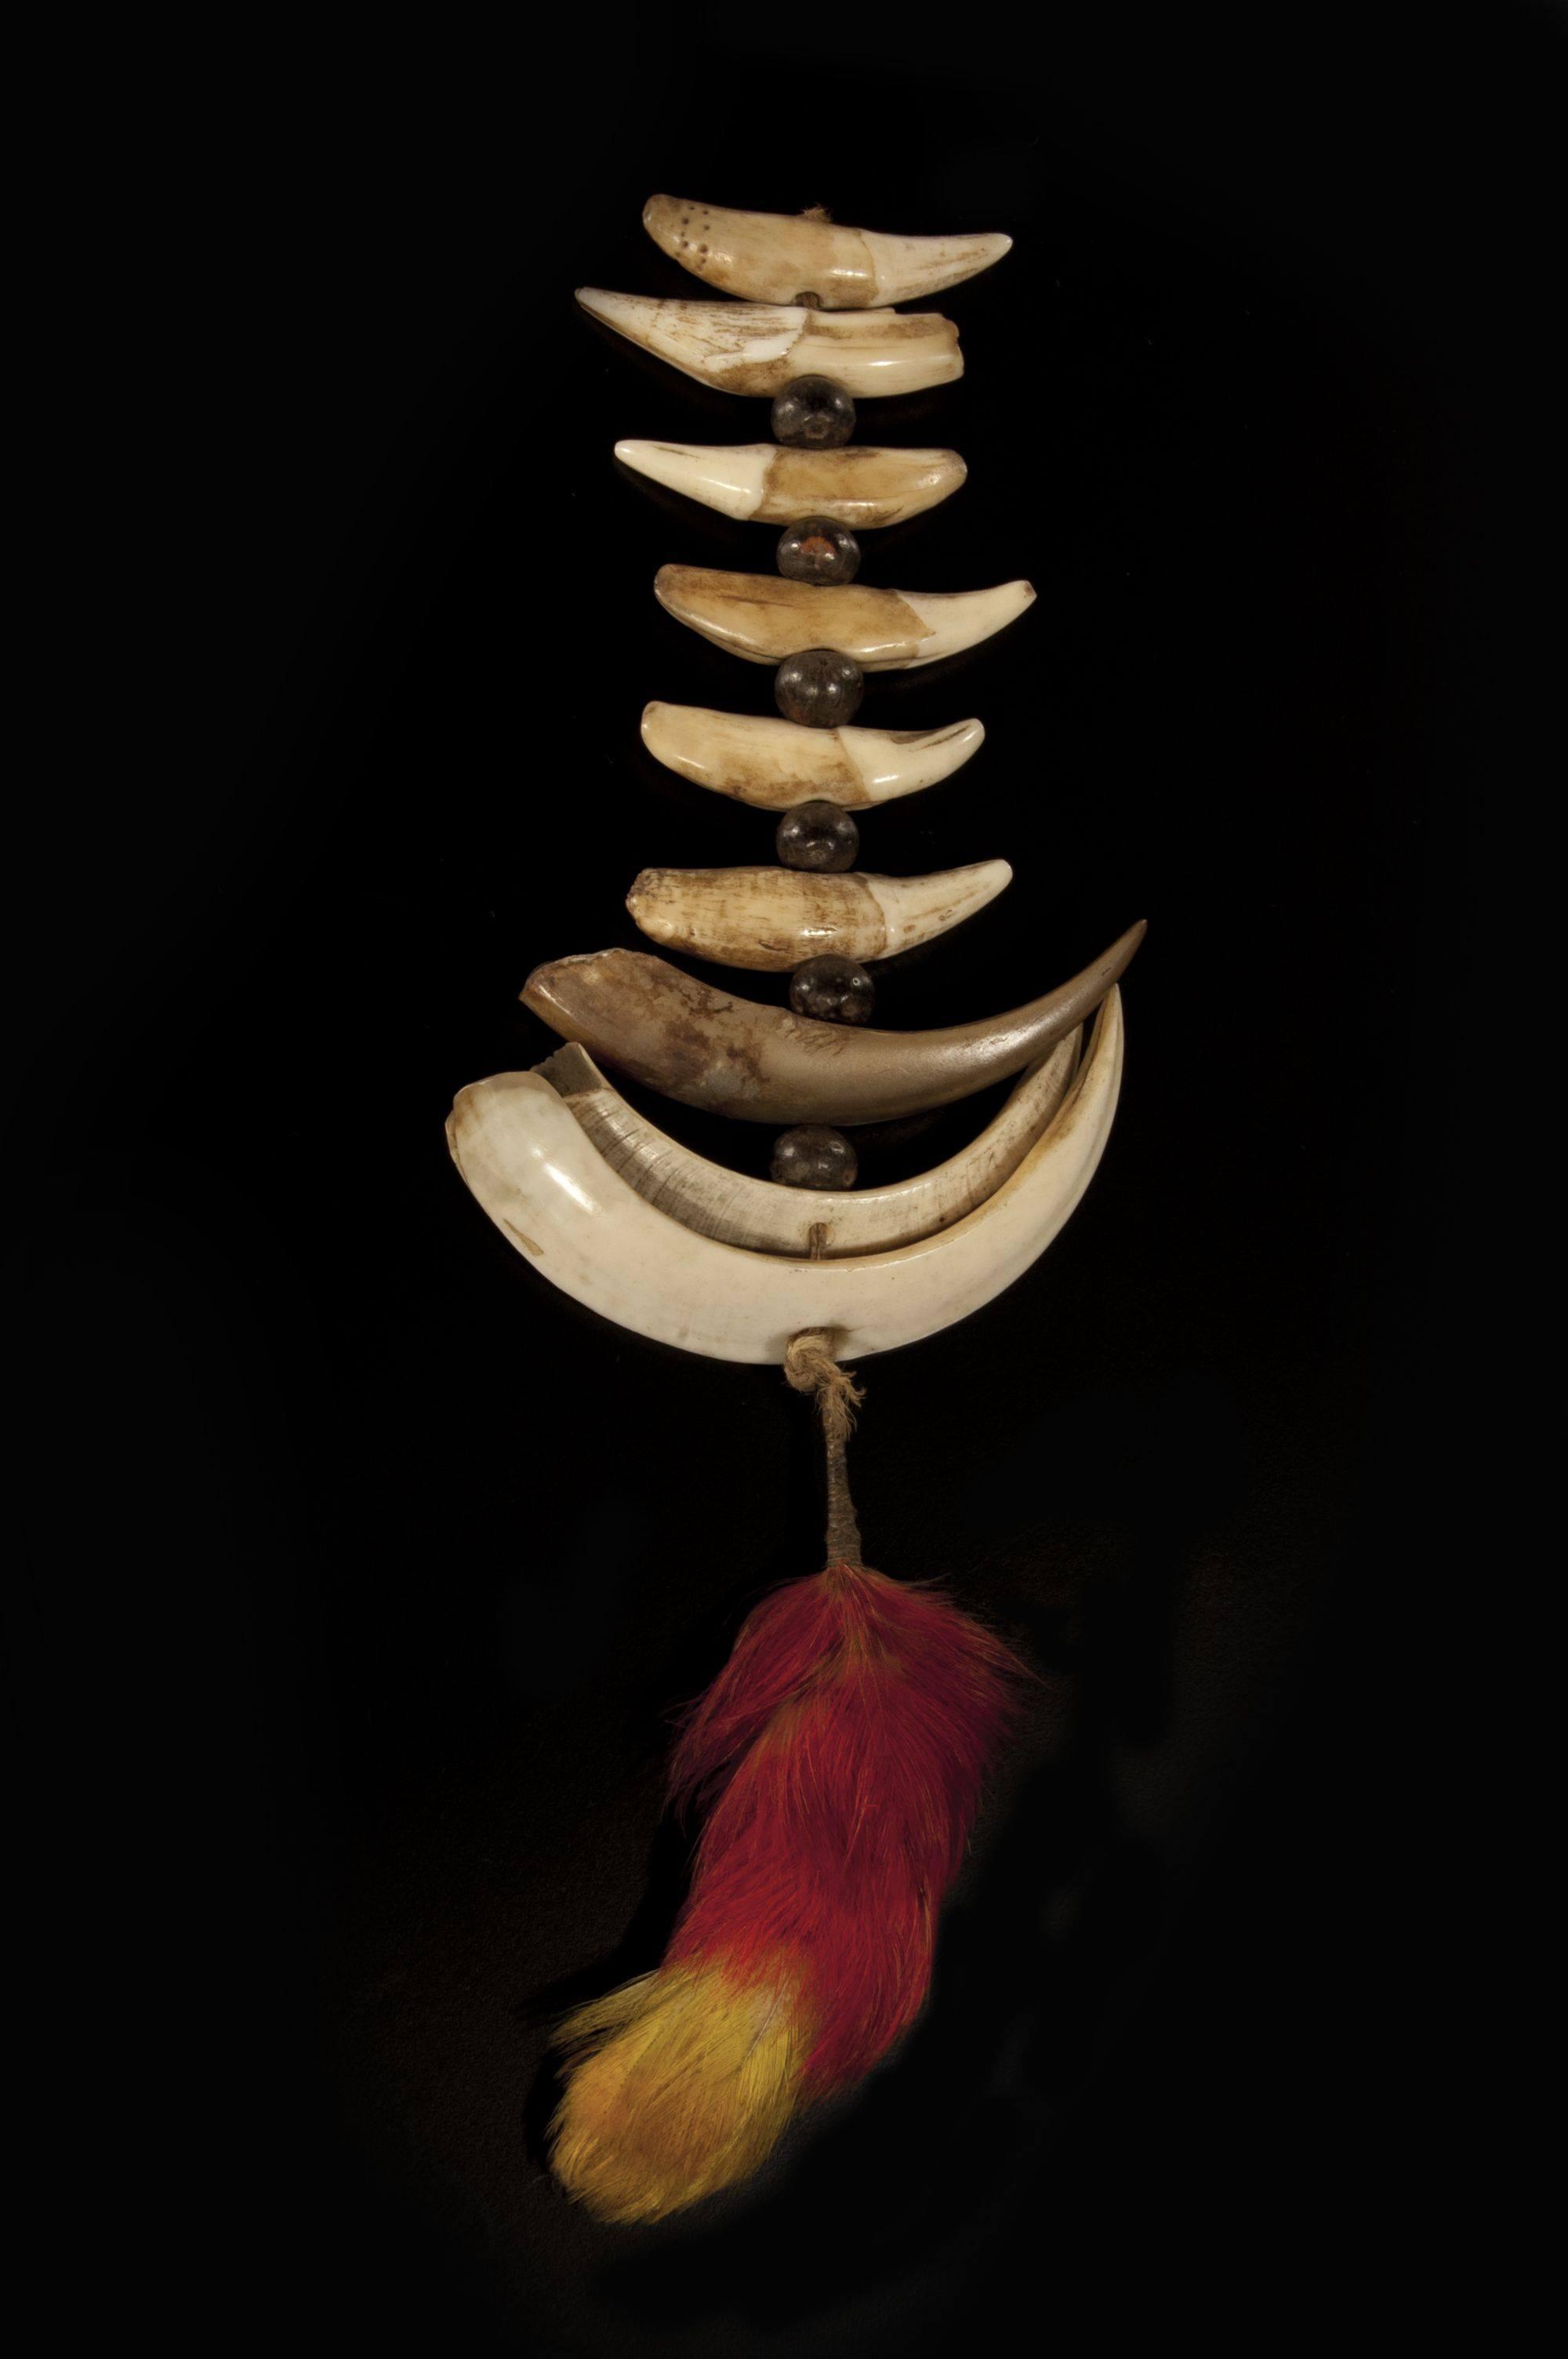 pingentes de ouro joias adornos indígenas surgimento das joias blog amores e chiliques socorro sp